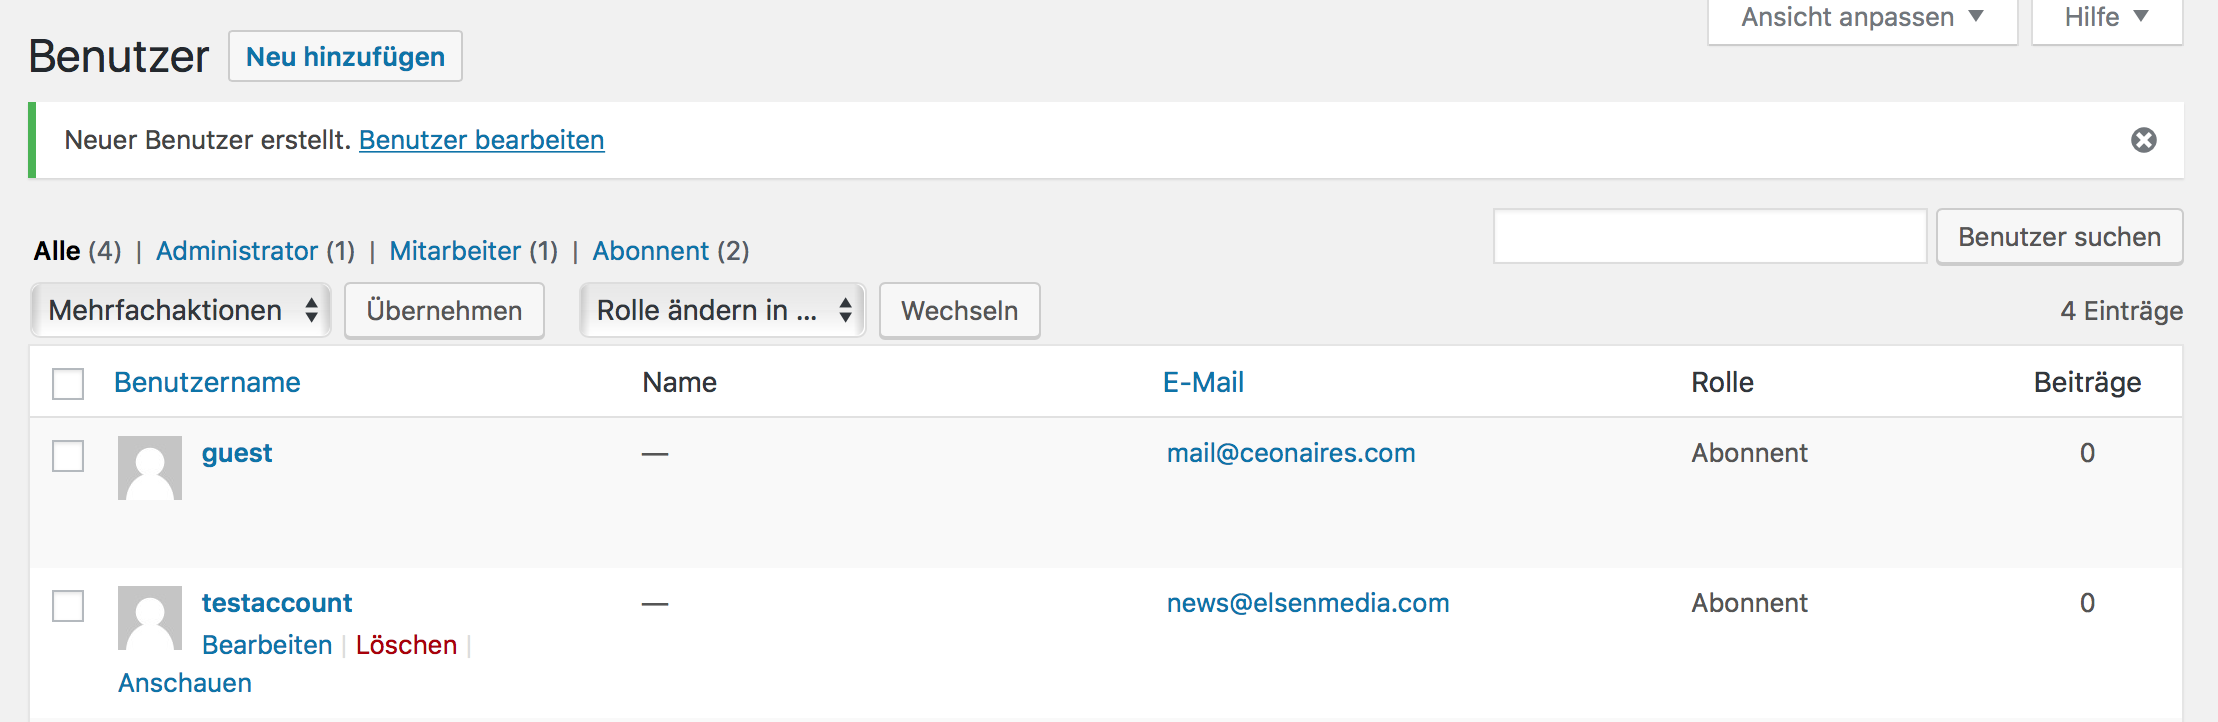 Personenbezogene Daten in WordPress manuell löschen durch Löschung des Benutzeraccounts